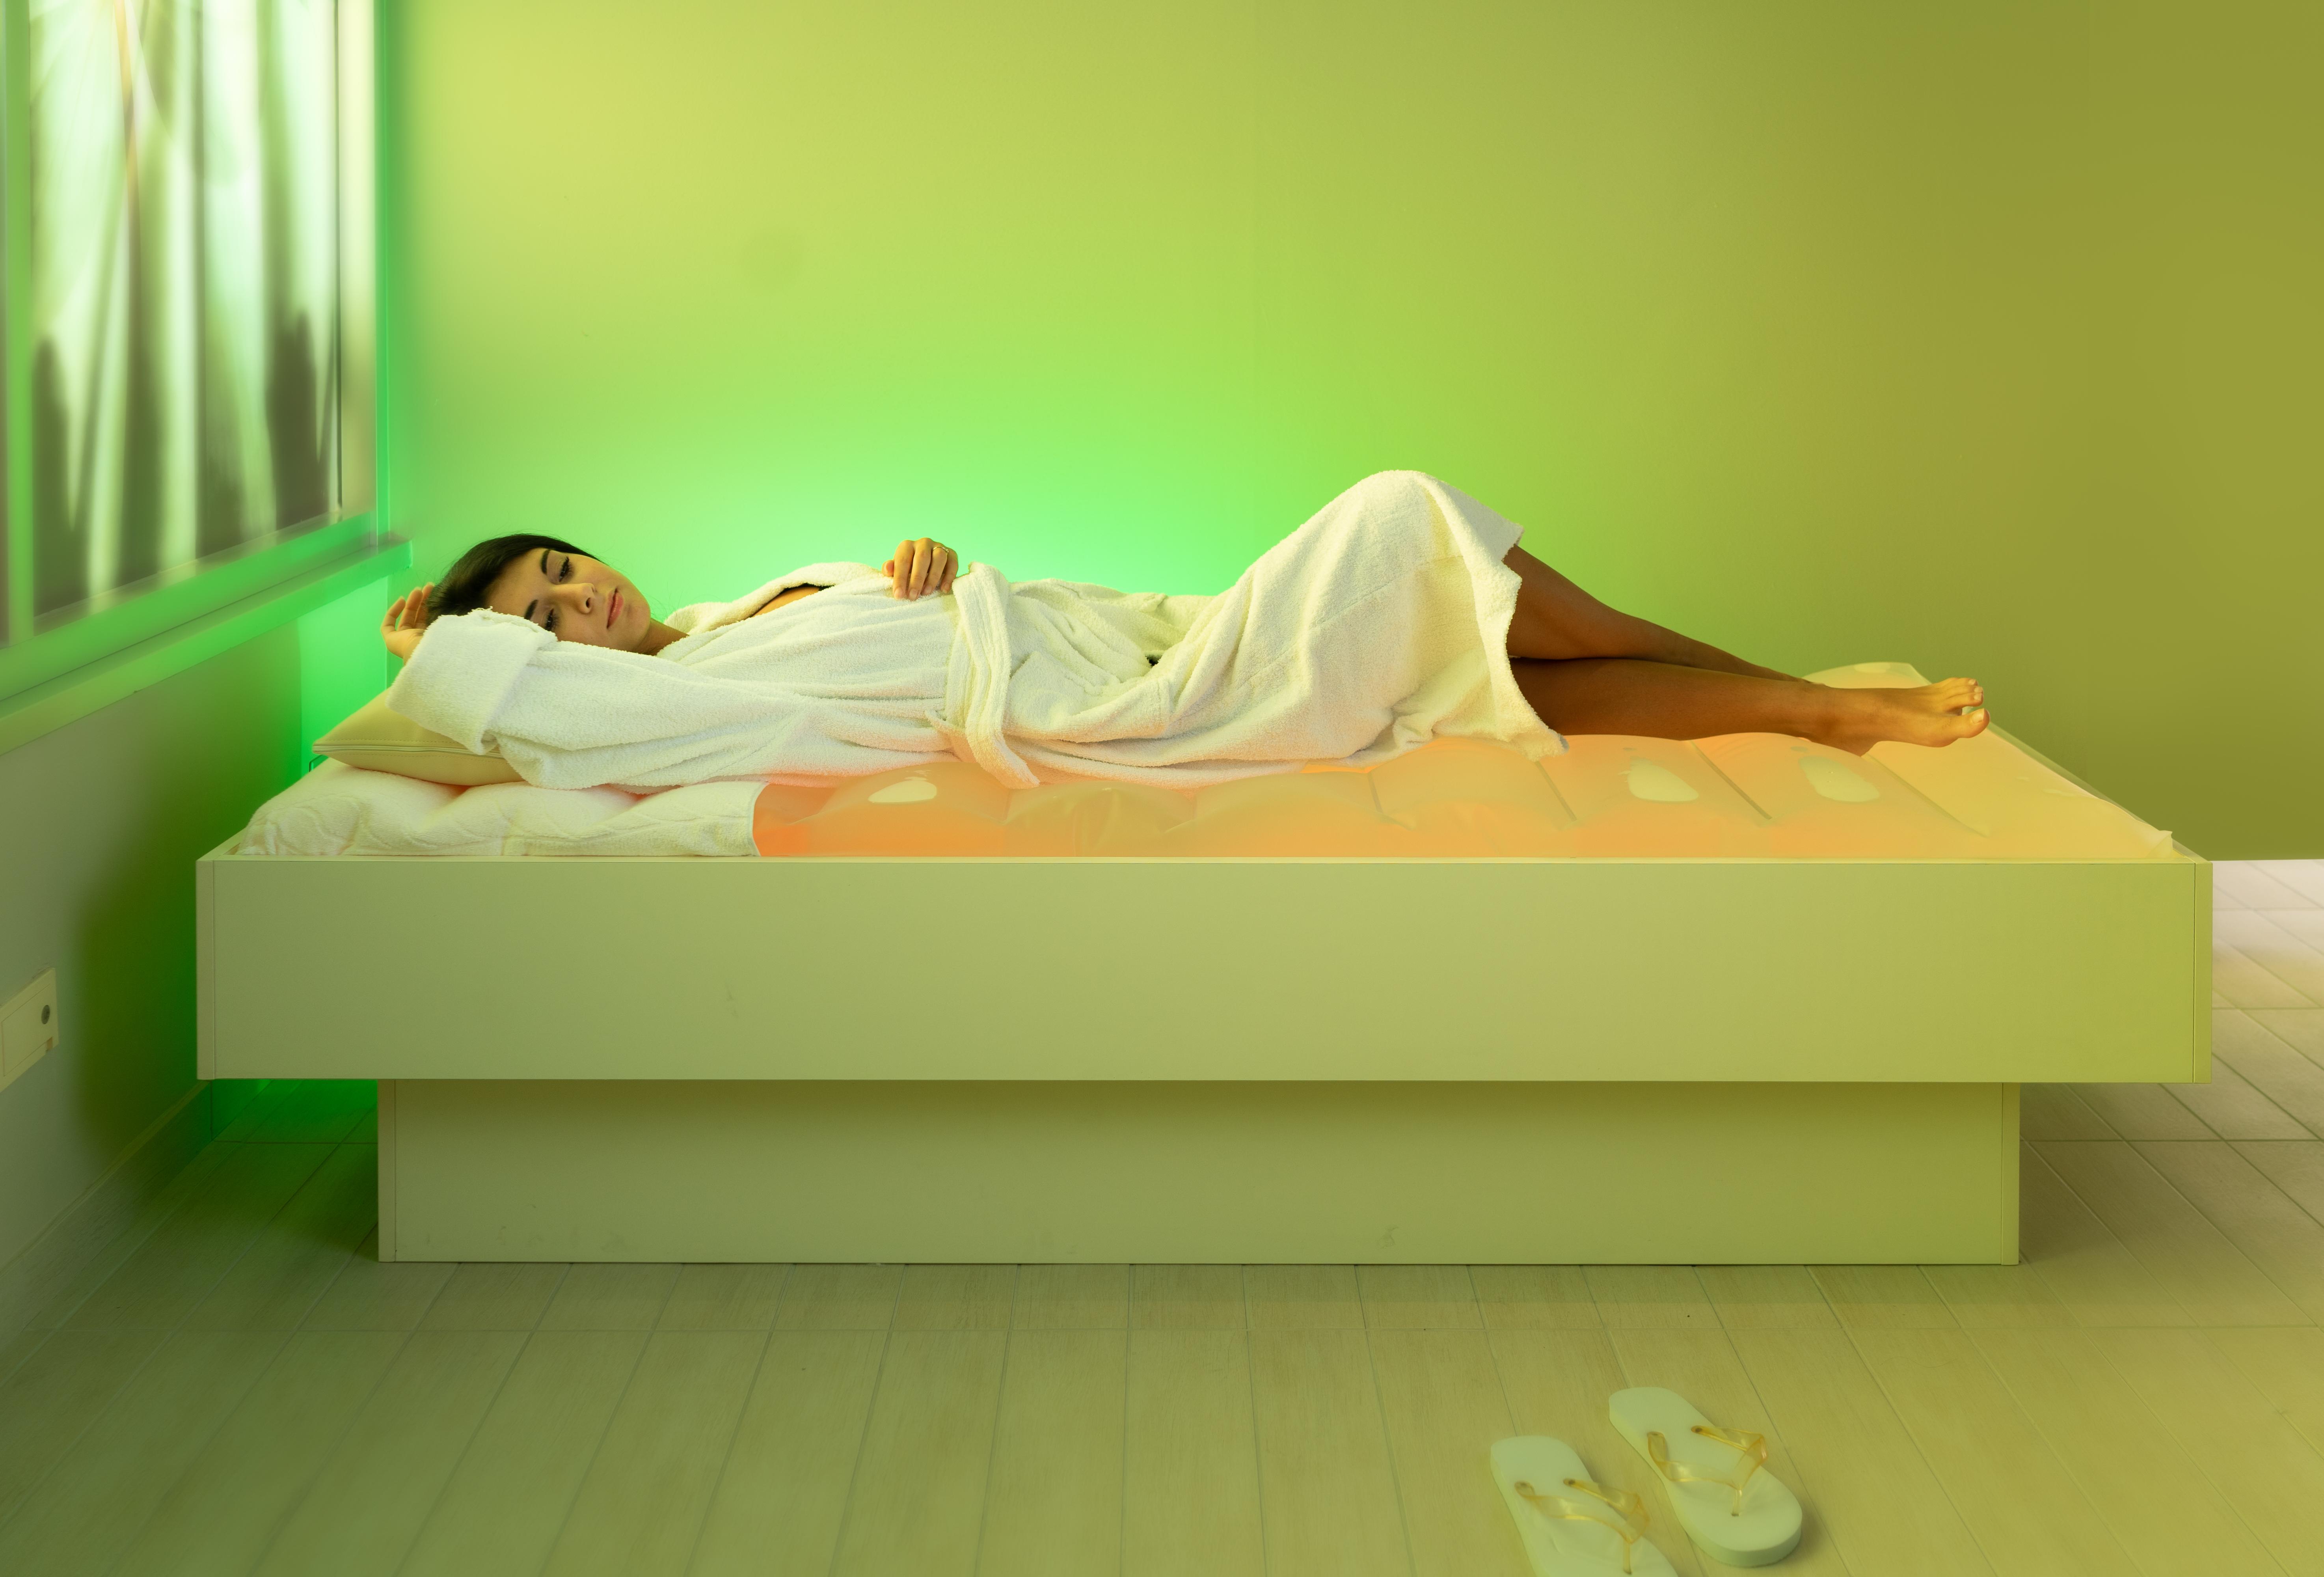 Massaggio Su Lettino Ad Acqua.Hotel Con Spa Miramare Albergo Con Centro Benessere A Rimini